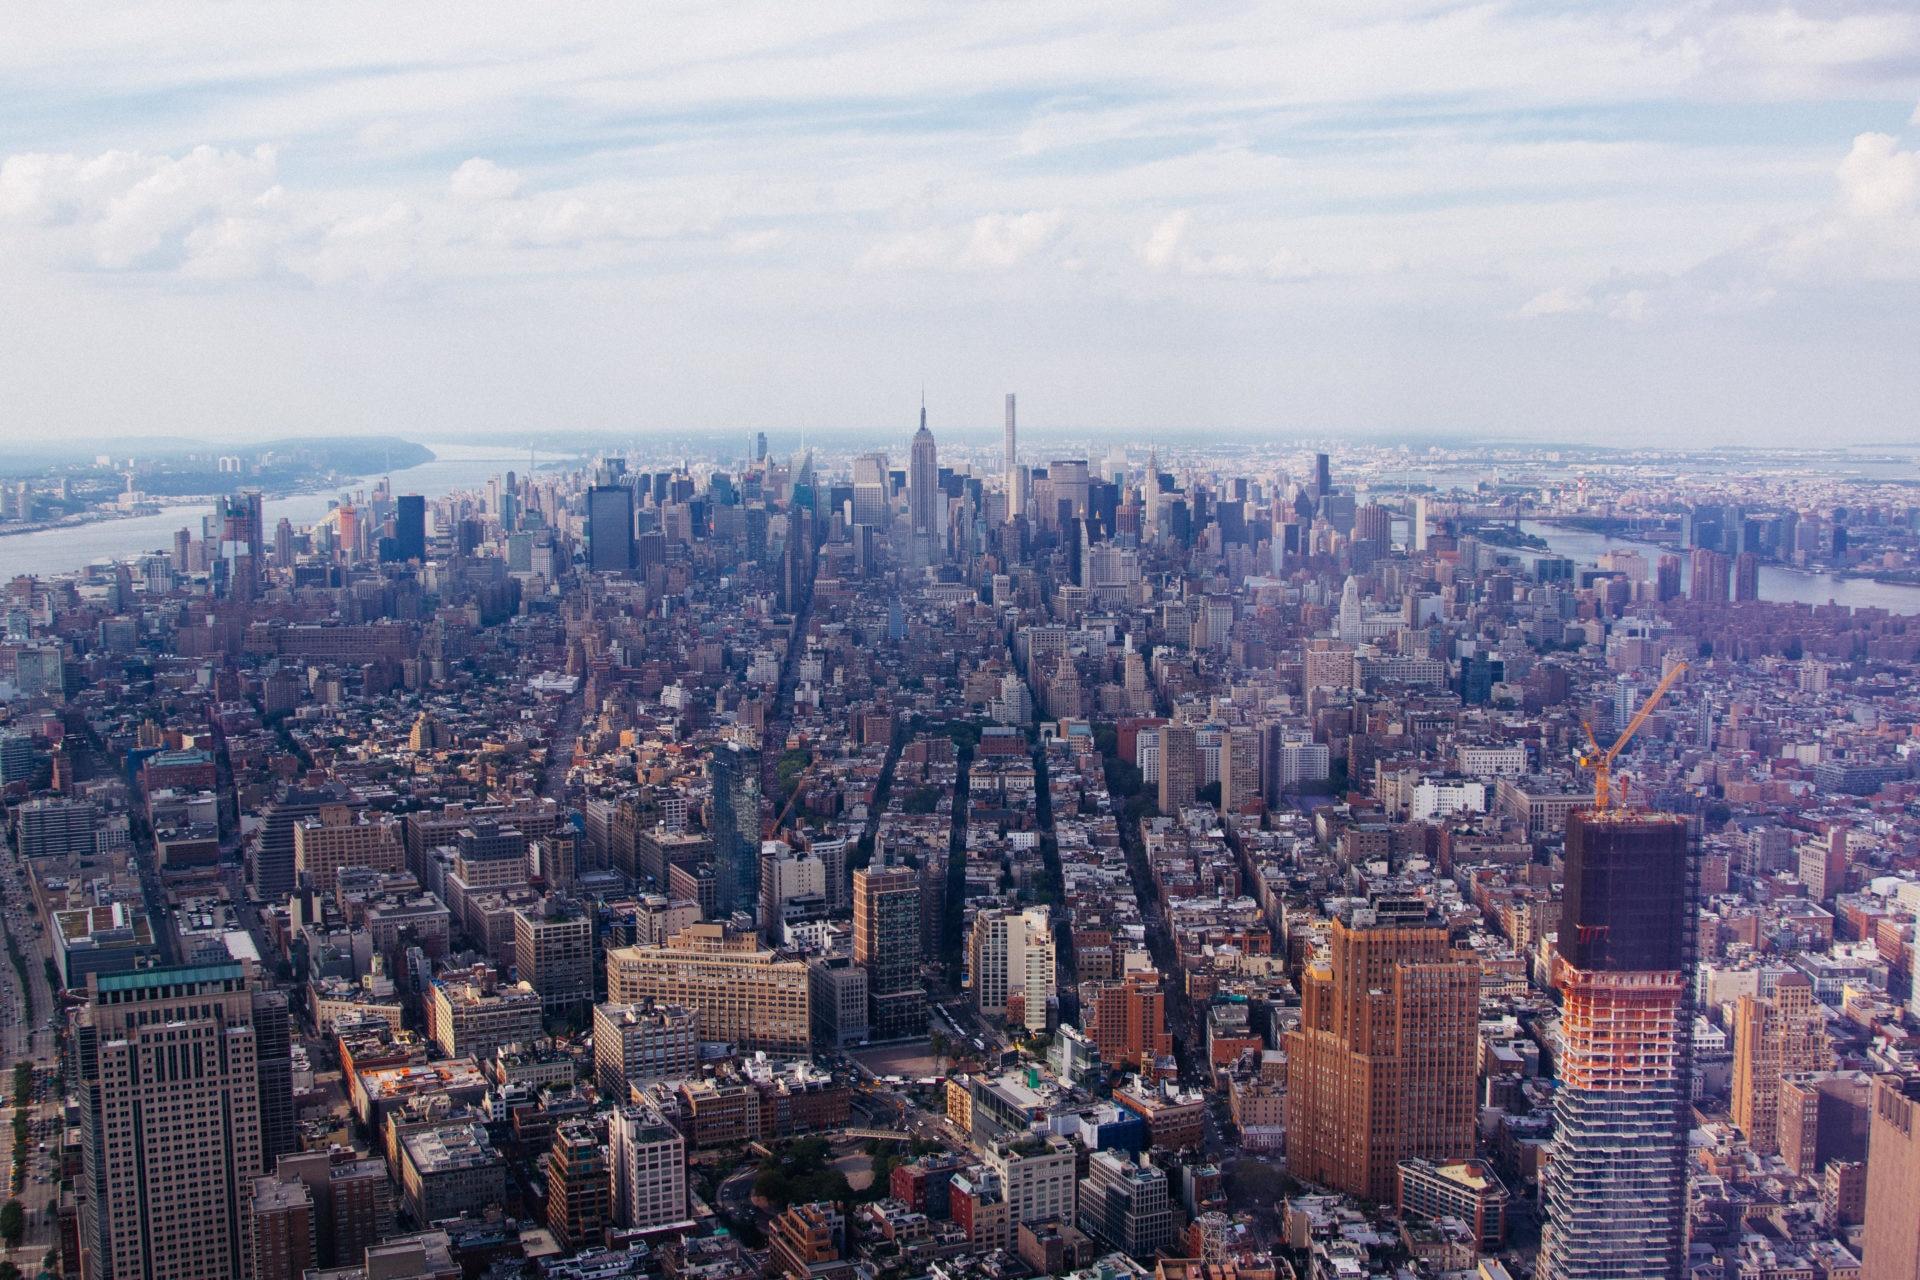 Fotografía del Skyline de Nueva York por Julian Alexander